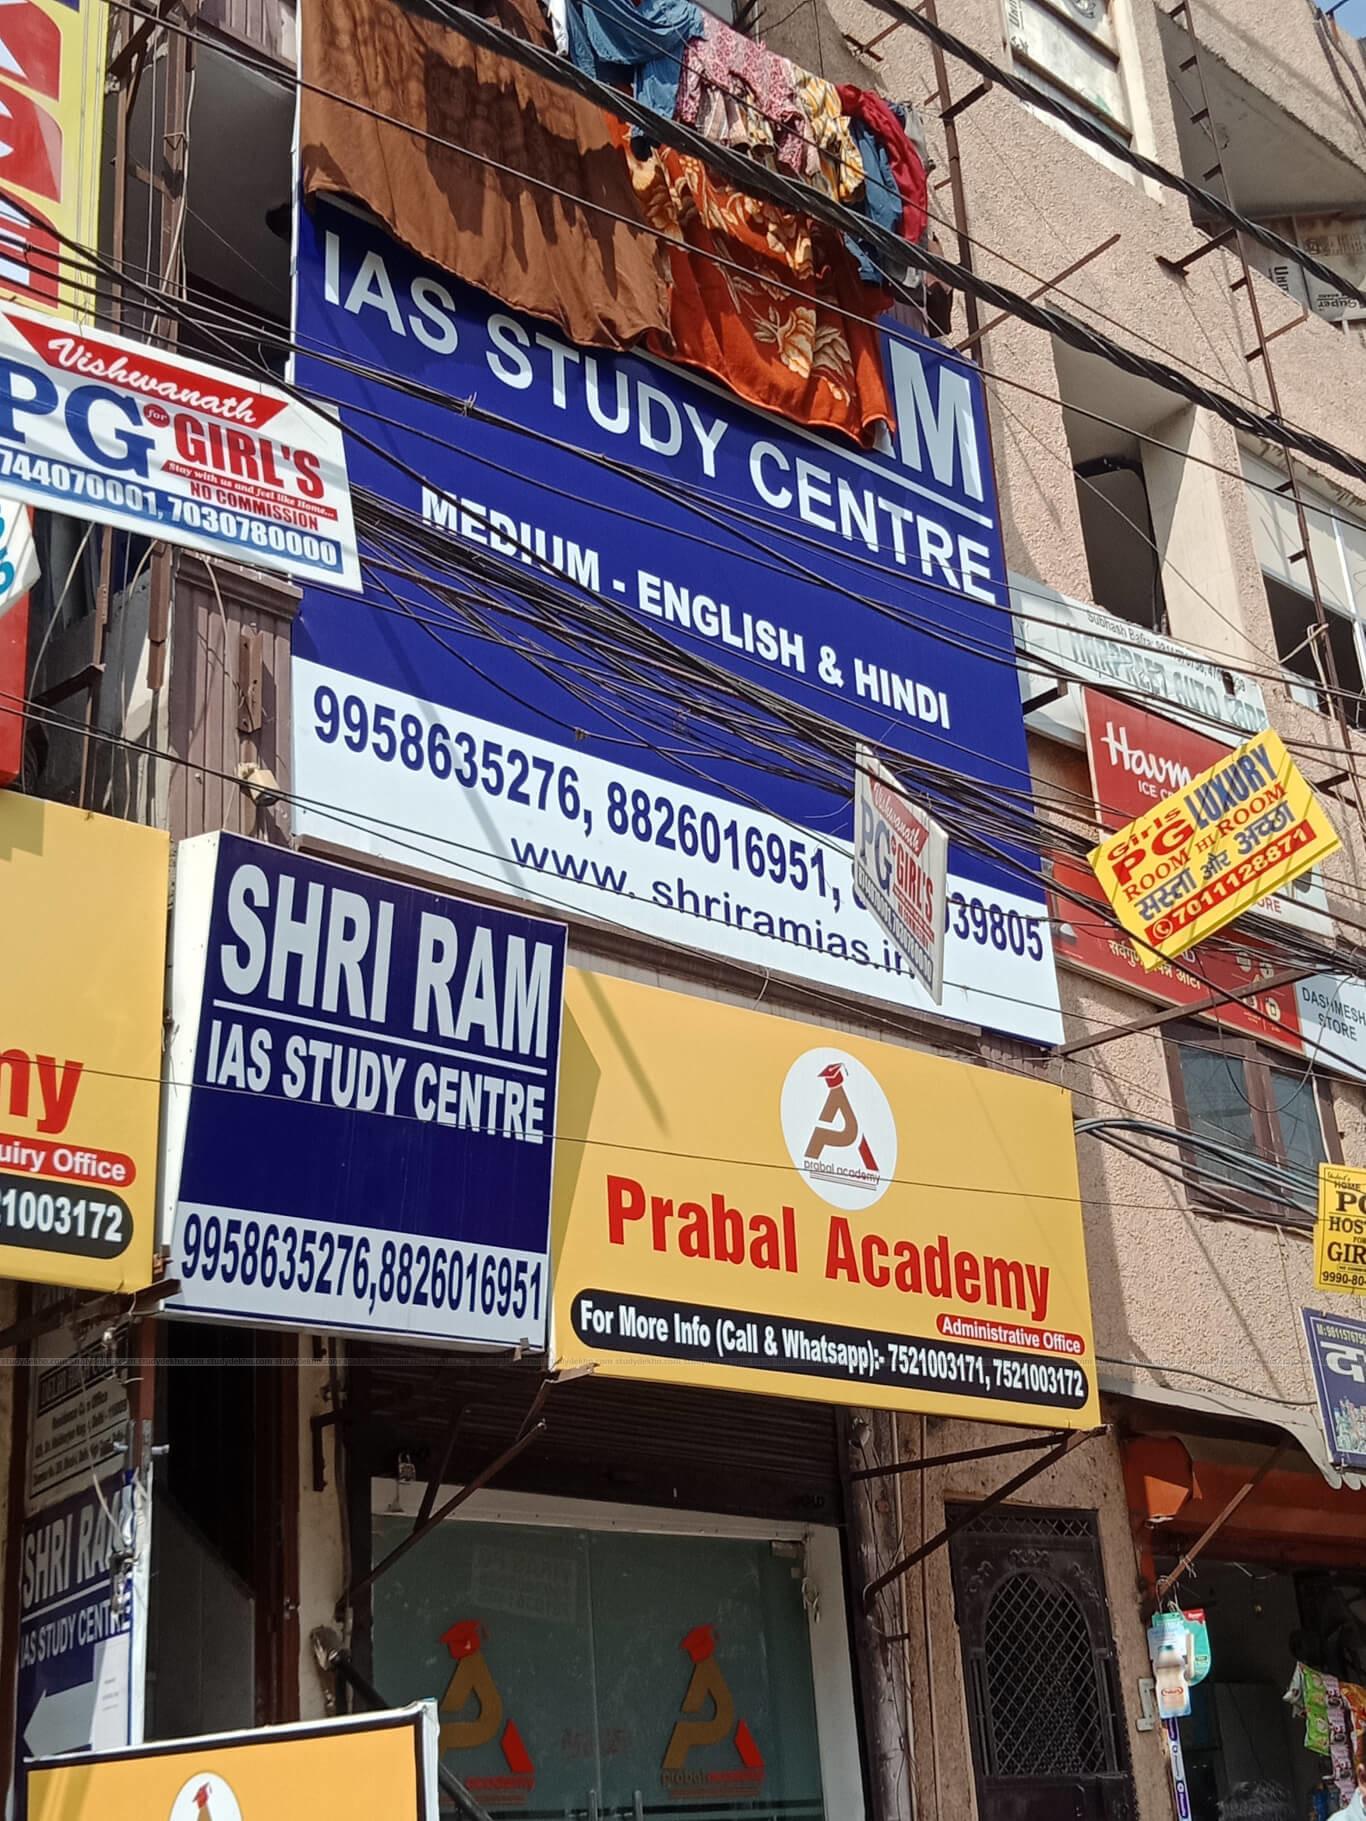 SHRI RAM IAS STUDY CENTER Logo